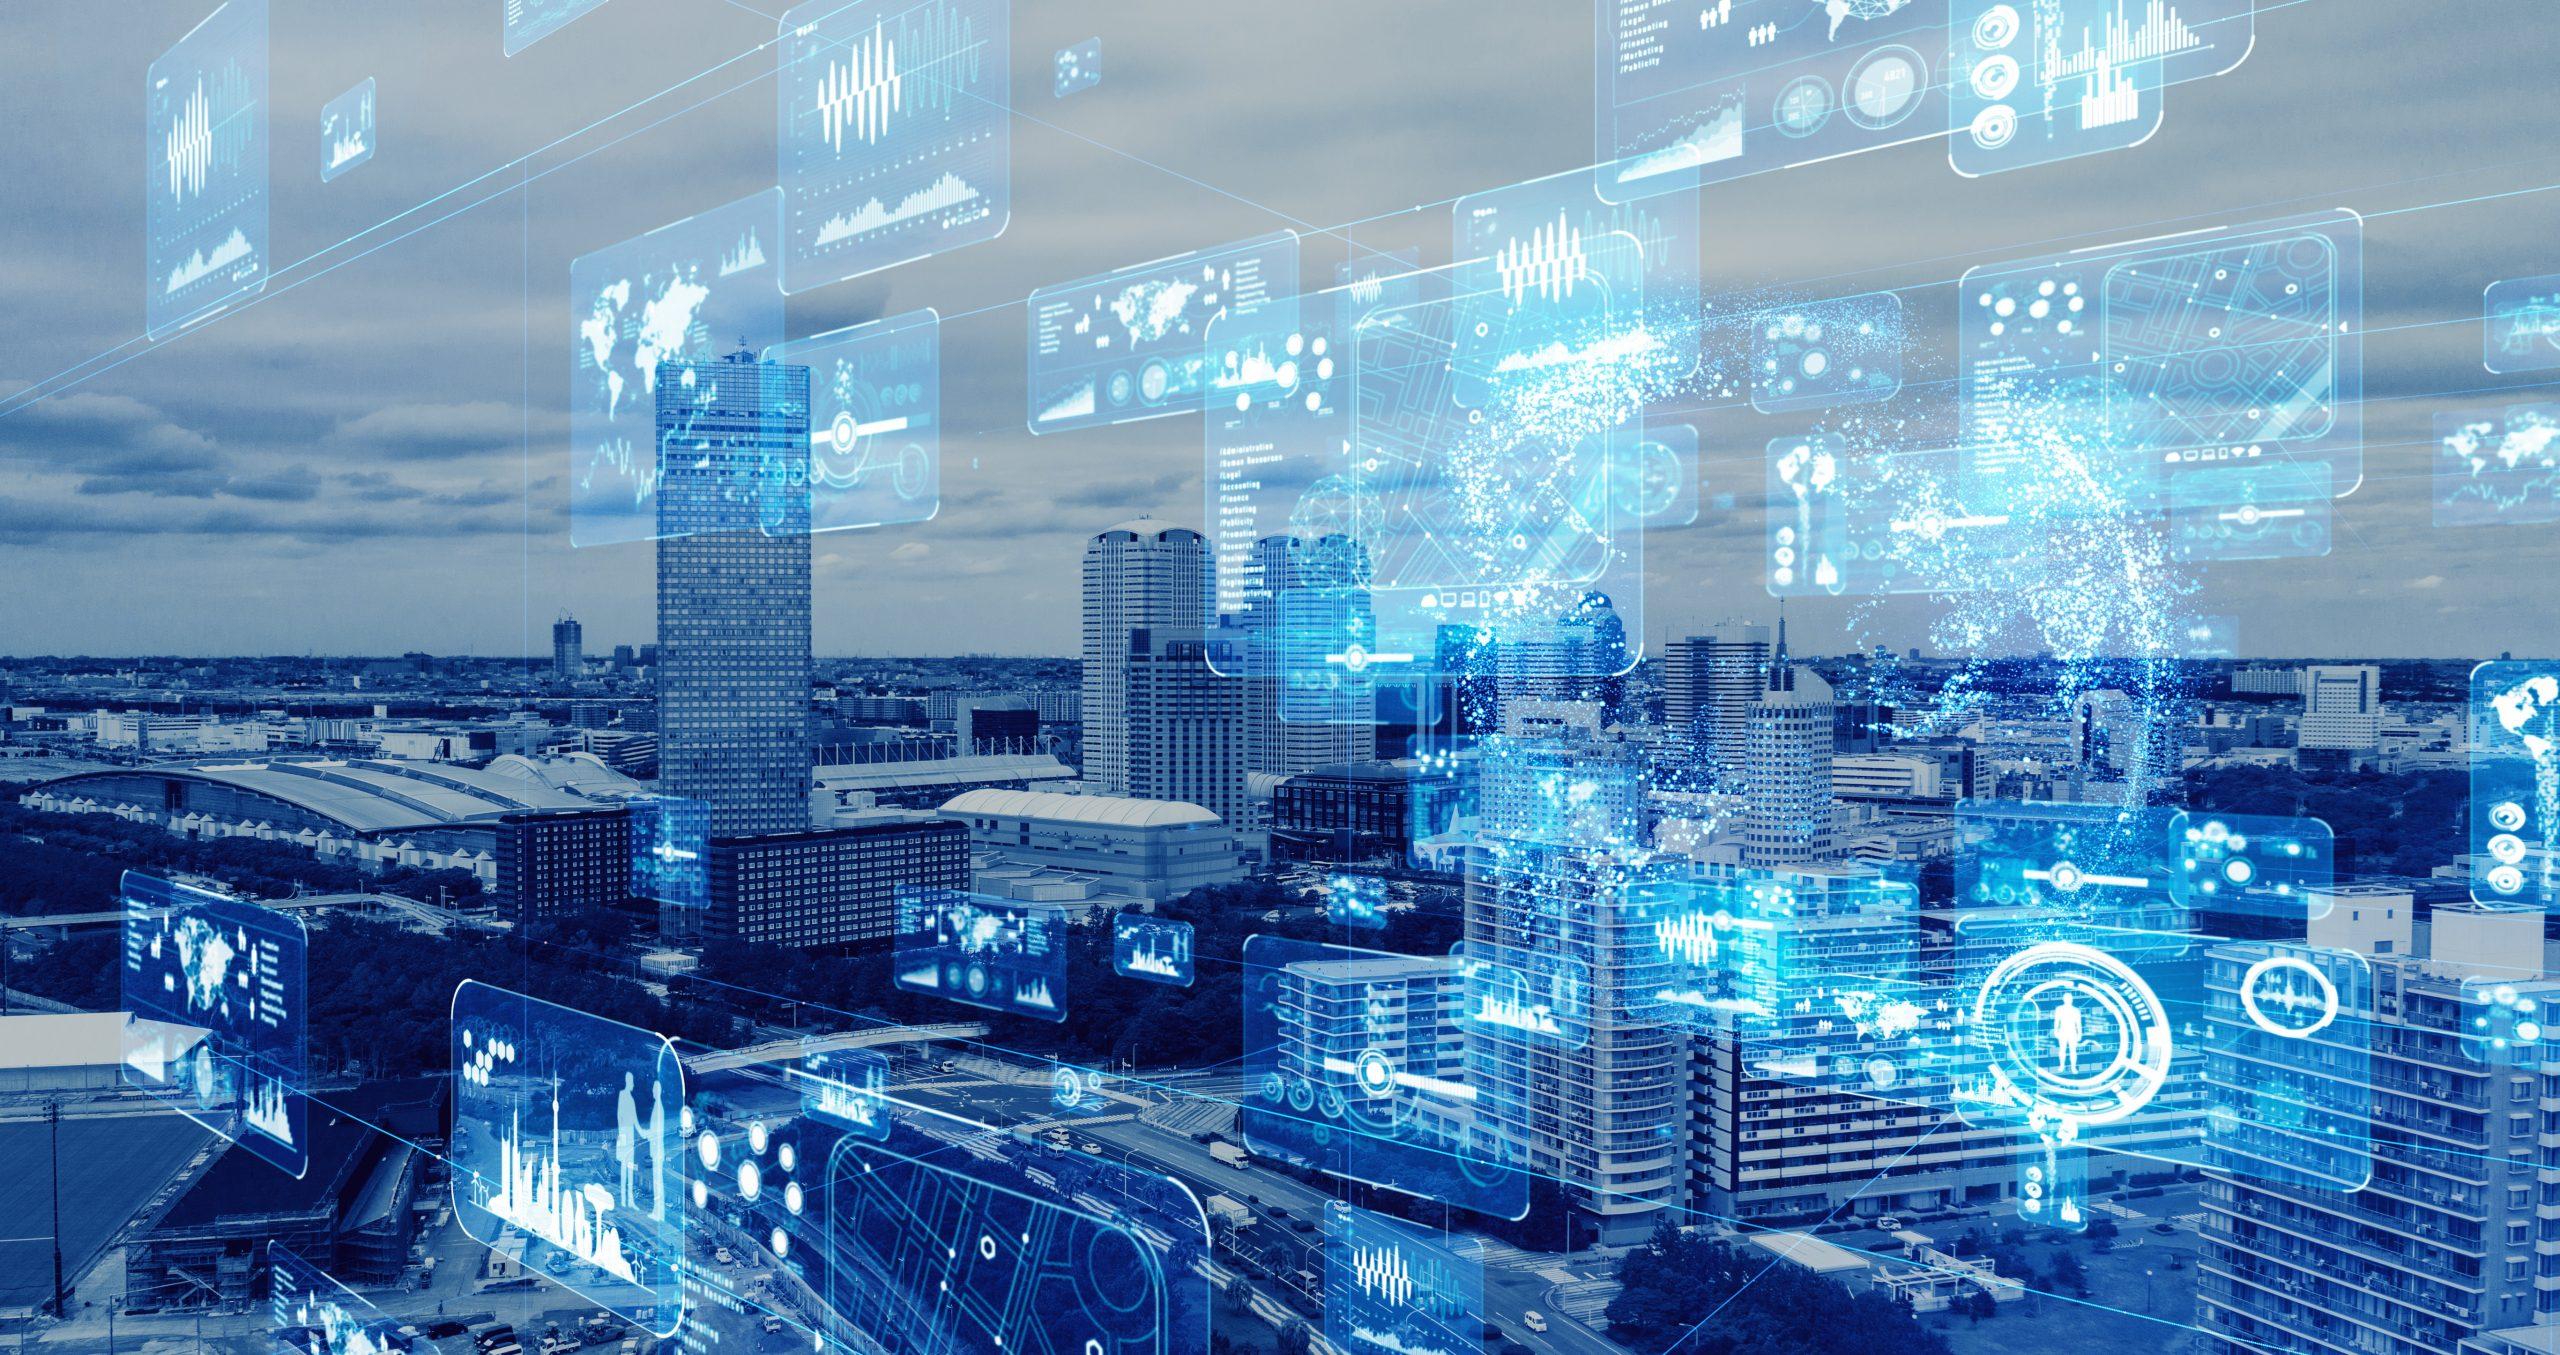 新時代に生き残る飛躍的成長を遂げる企業の創造― イノベーションによる次世代ビジネスモデルの創造 ―<br />